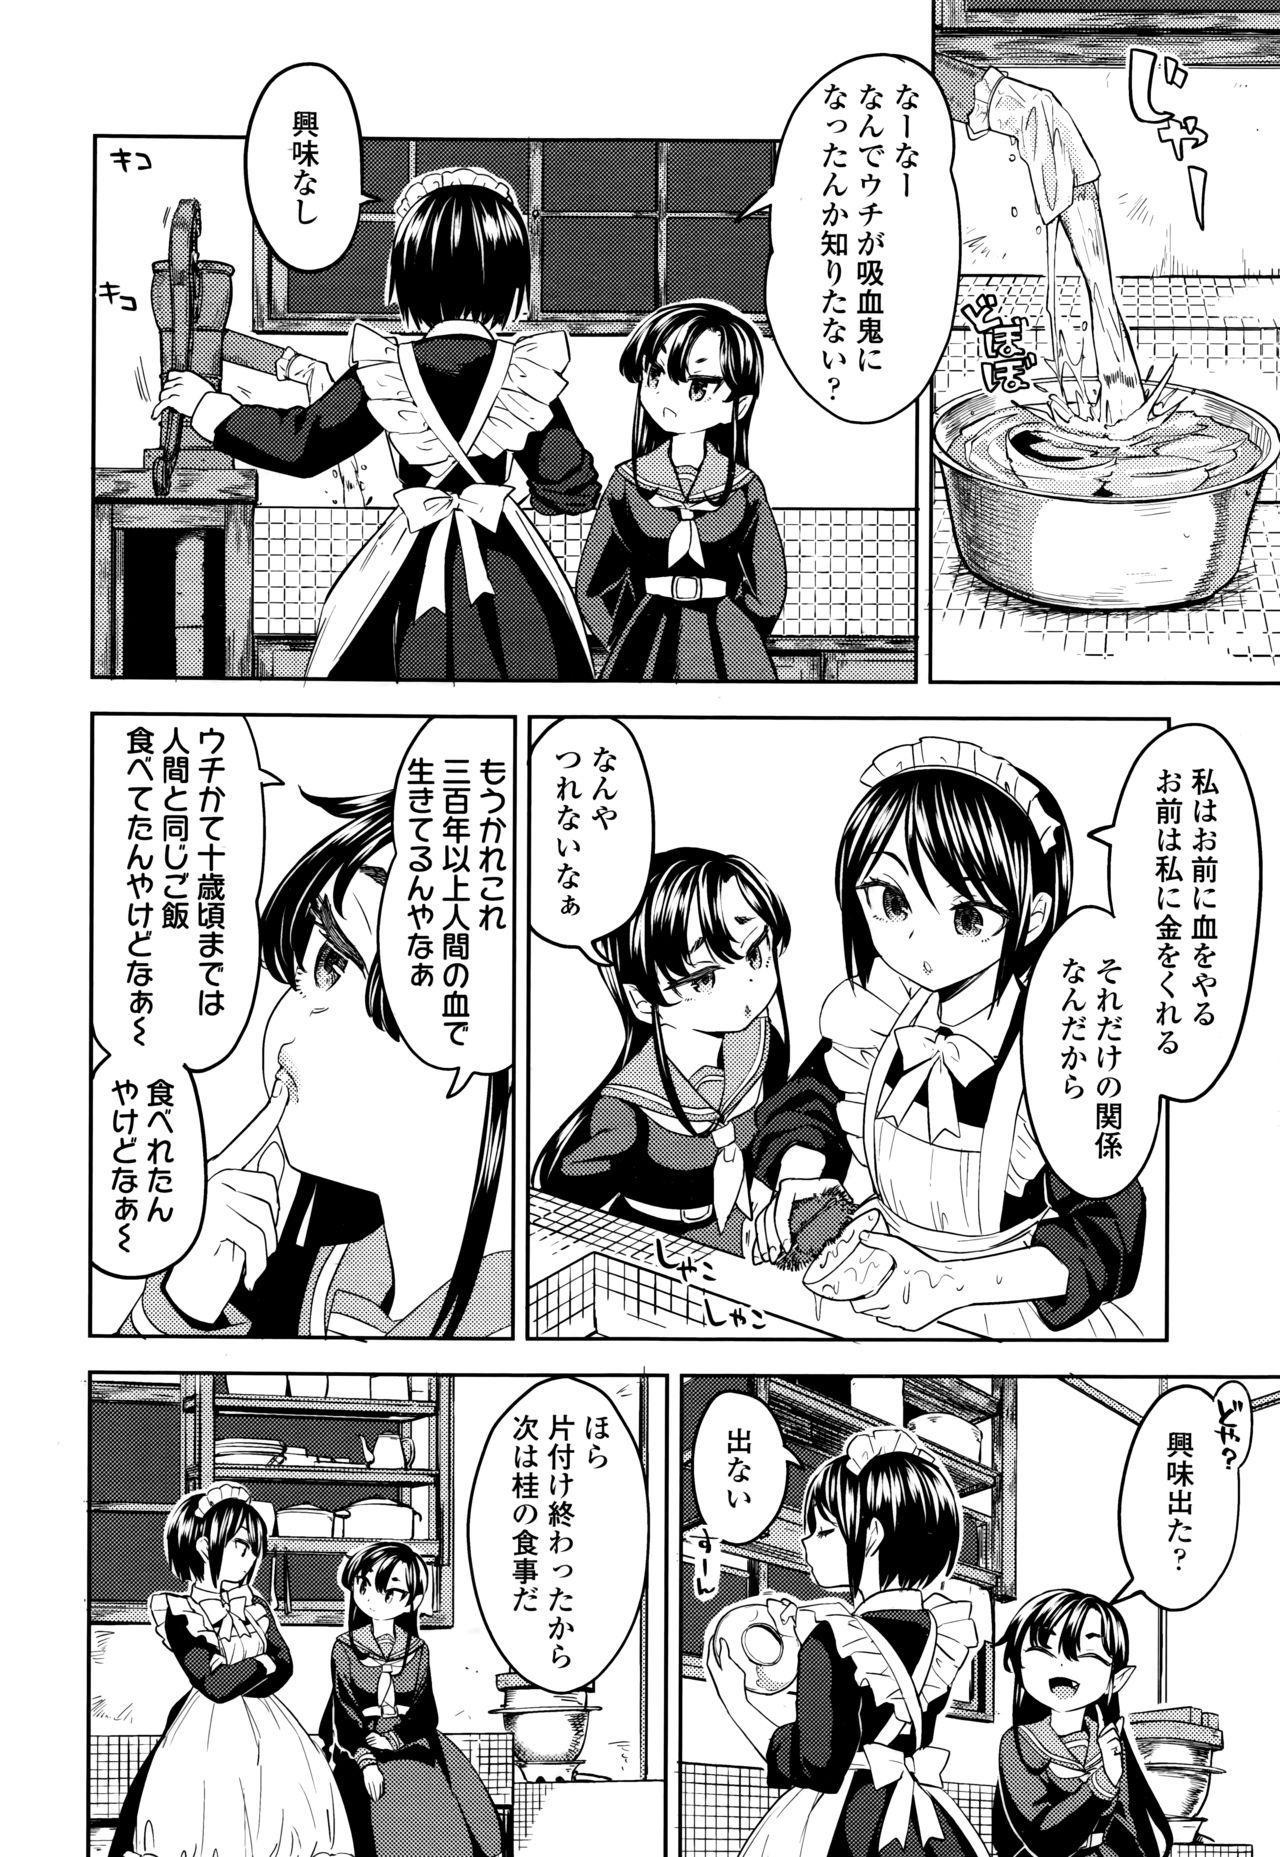 Towako 6 205